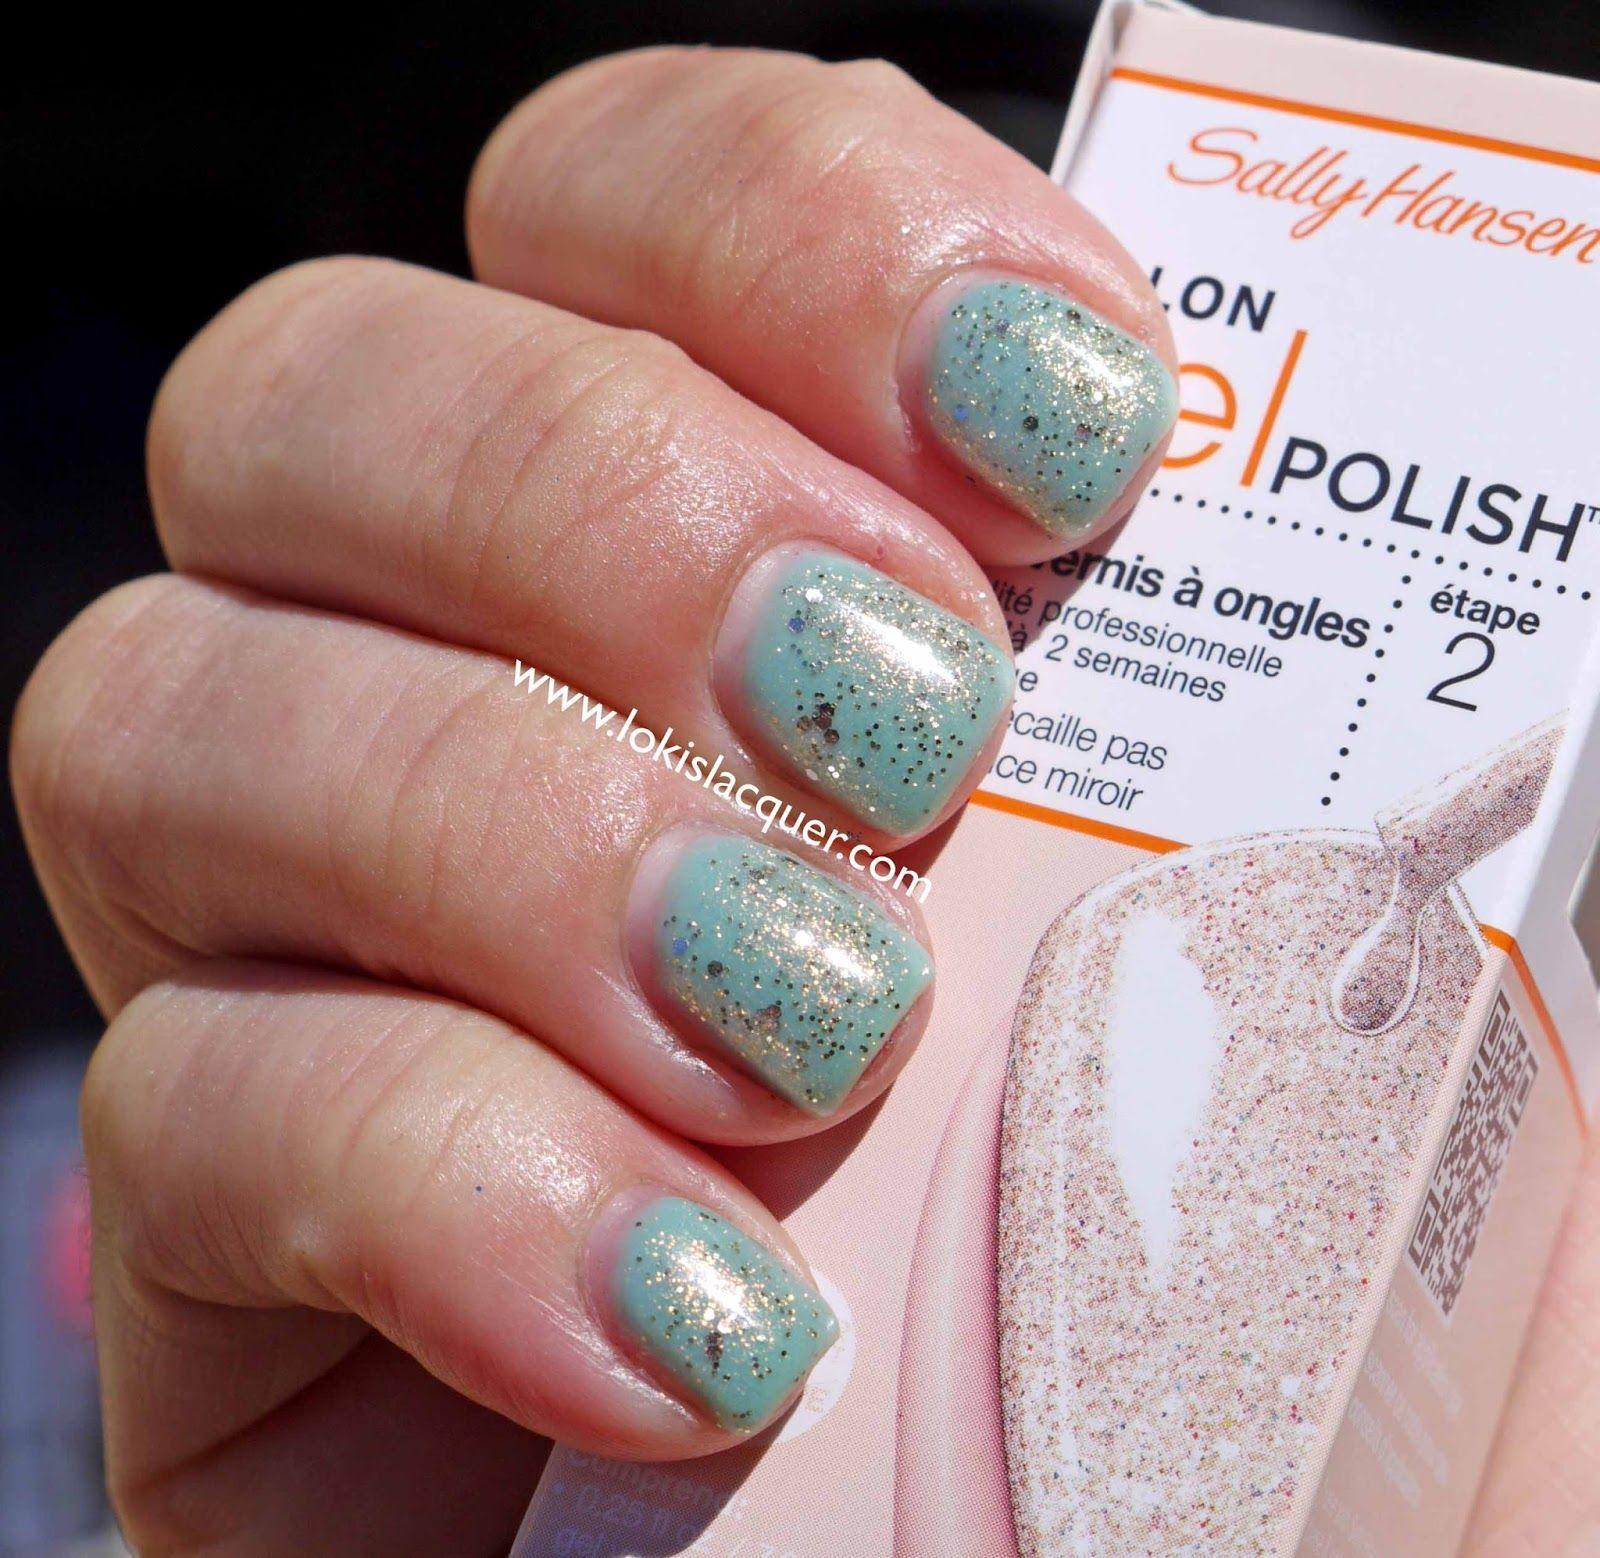 sally hansen 138 karat cake gel polish manicure trendy jesień 2020 odkleić płynną taśmę do paznokci